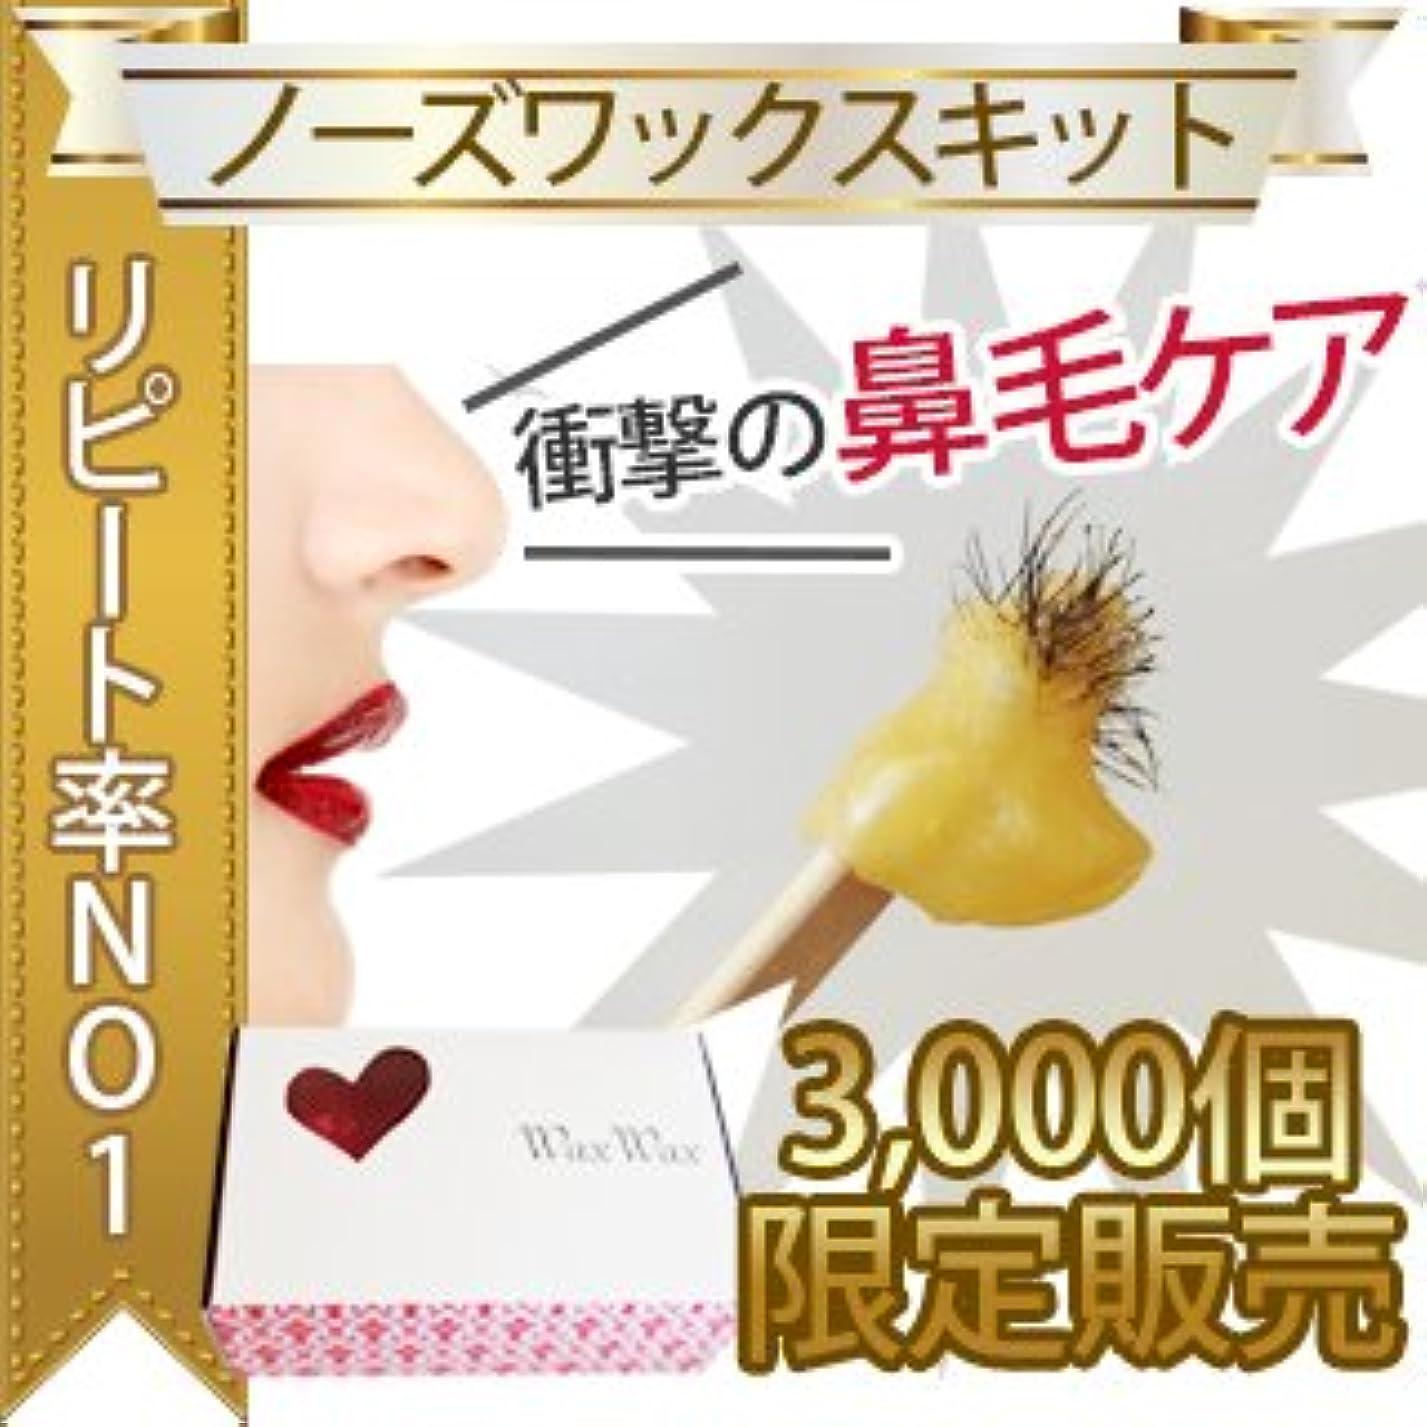 親指せっかち迷彩【3000個限定】鼻毛キット 約3回分 ノーズキット セルフ用